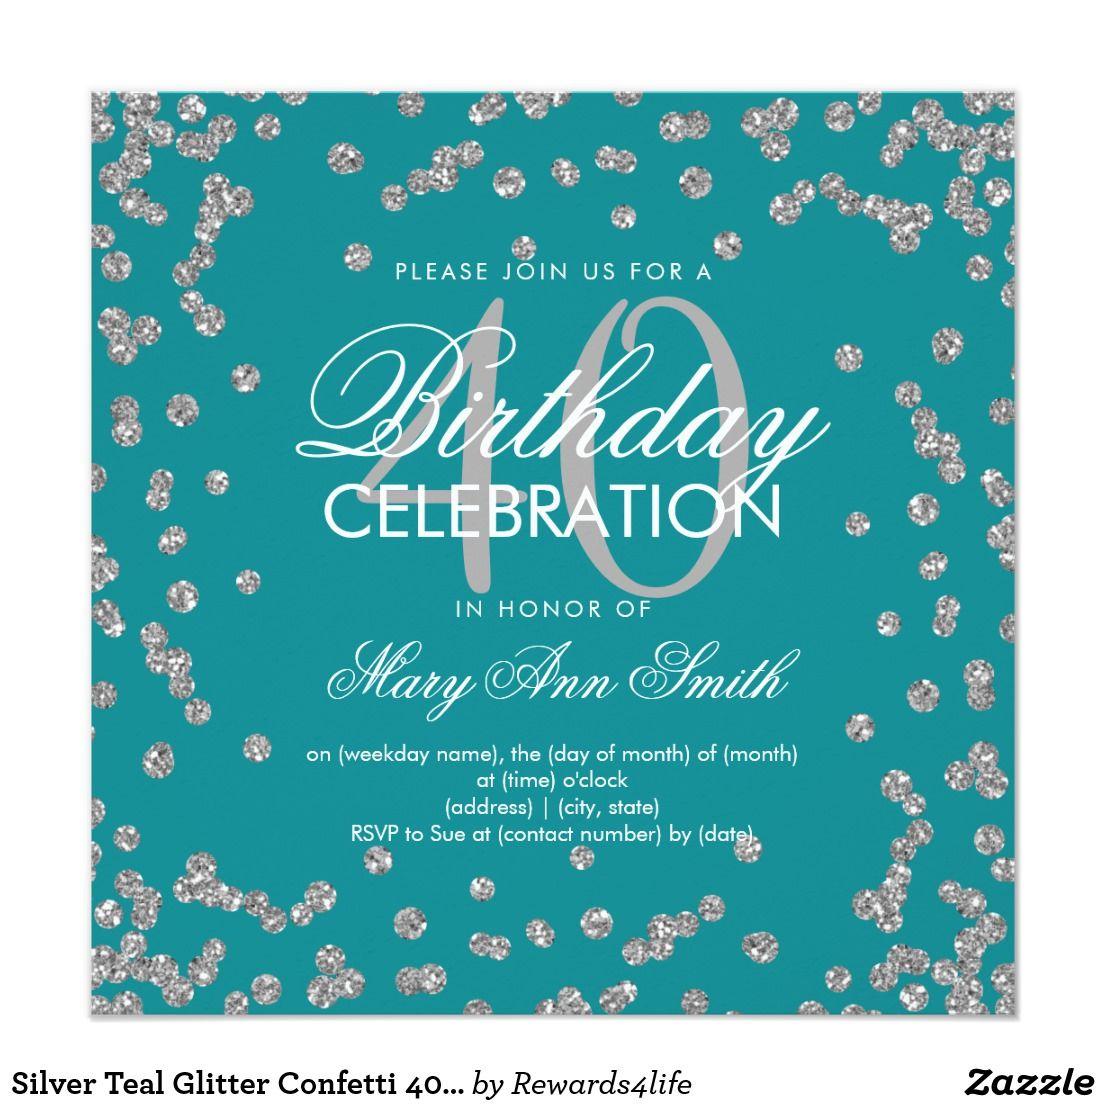 Silver Teal Glitter Confetti 40th Birthday Invitation